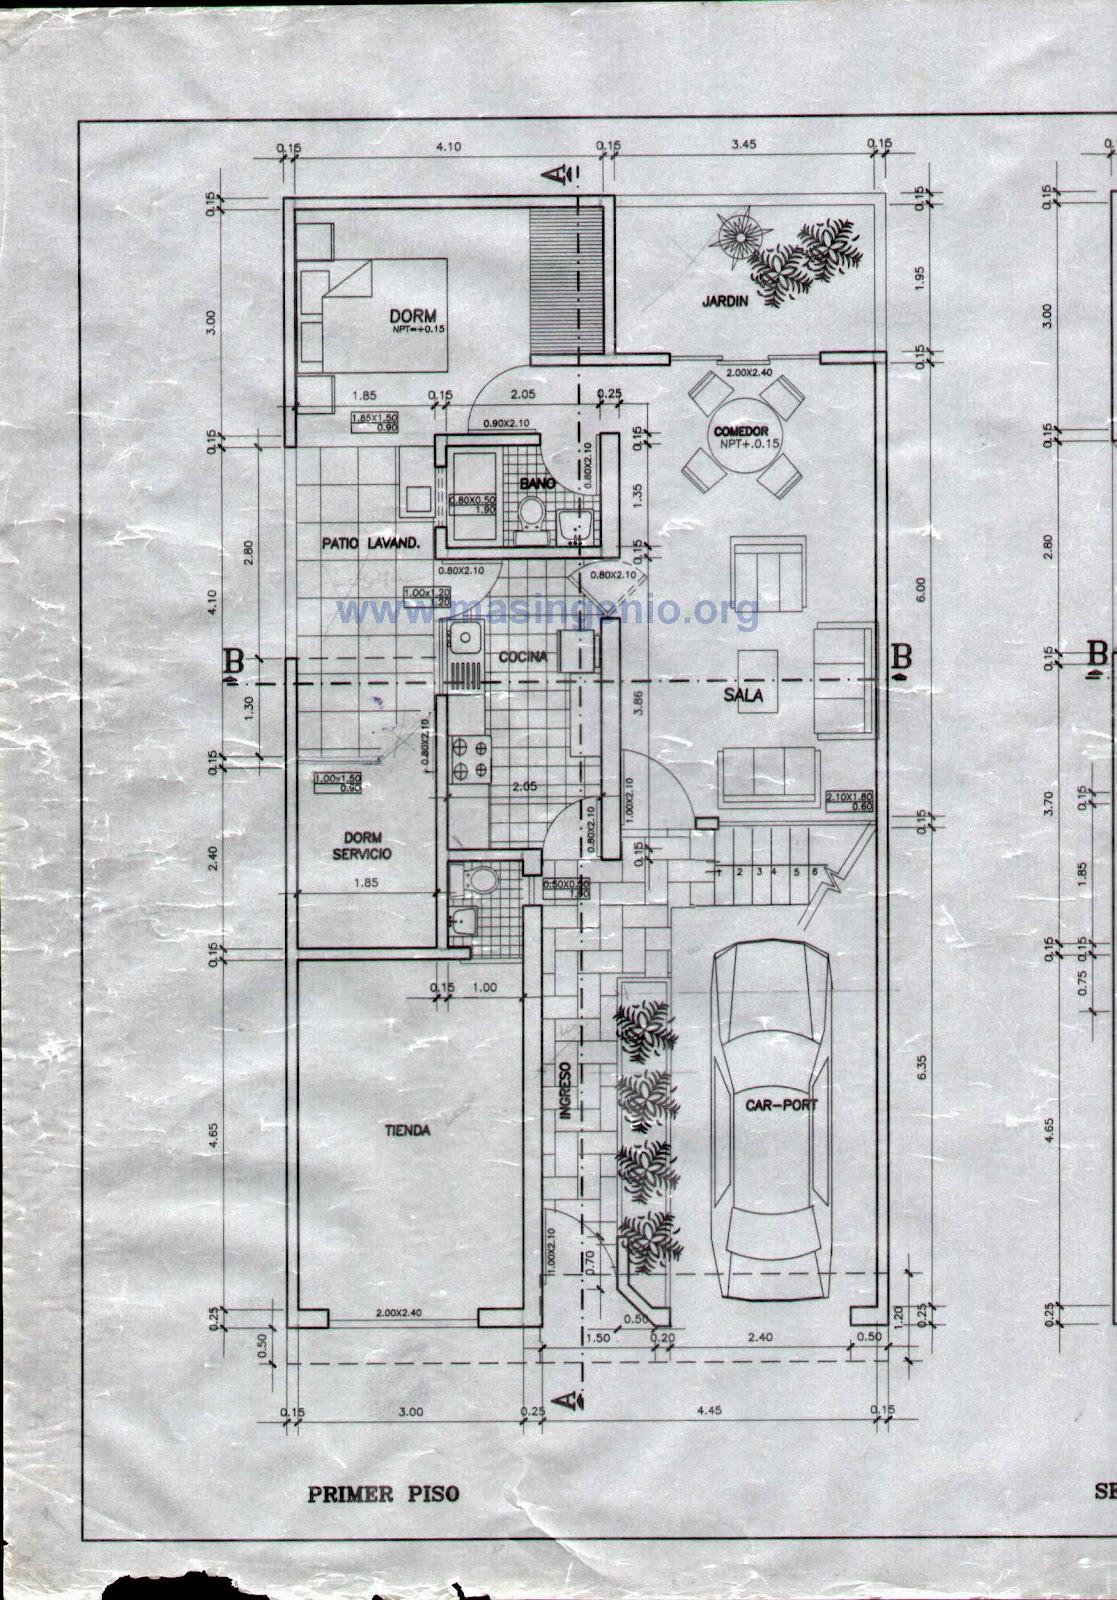 AutoCAD: Tutoriales, Tips y Trucos: Curso de AutoCAD Gratis: Hacer Plano de  una Casa